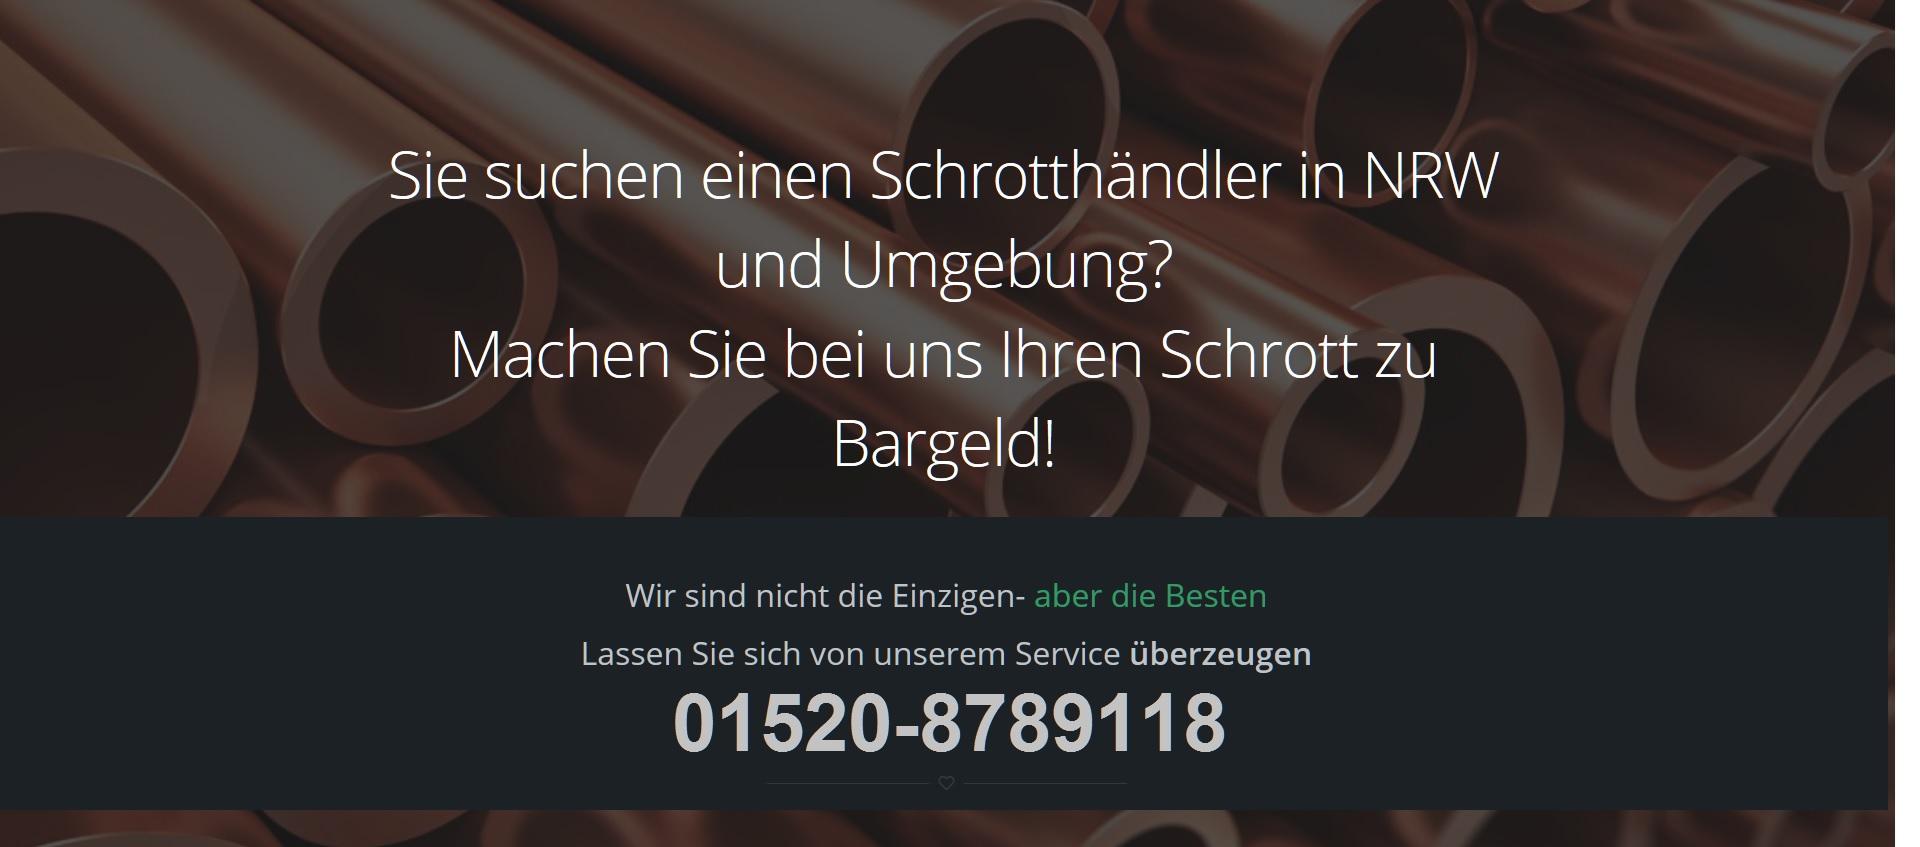 Schrottabholung Düsseldorf - Schrotthändler NRW